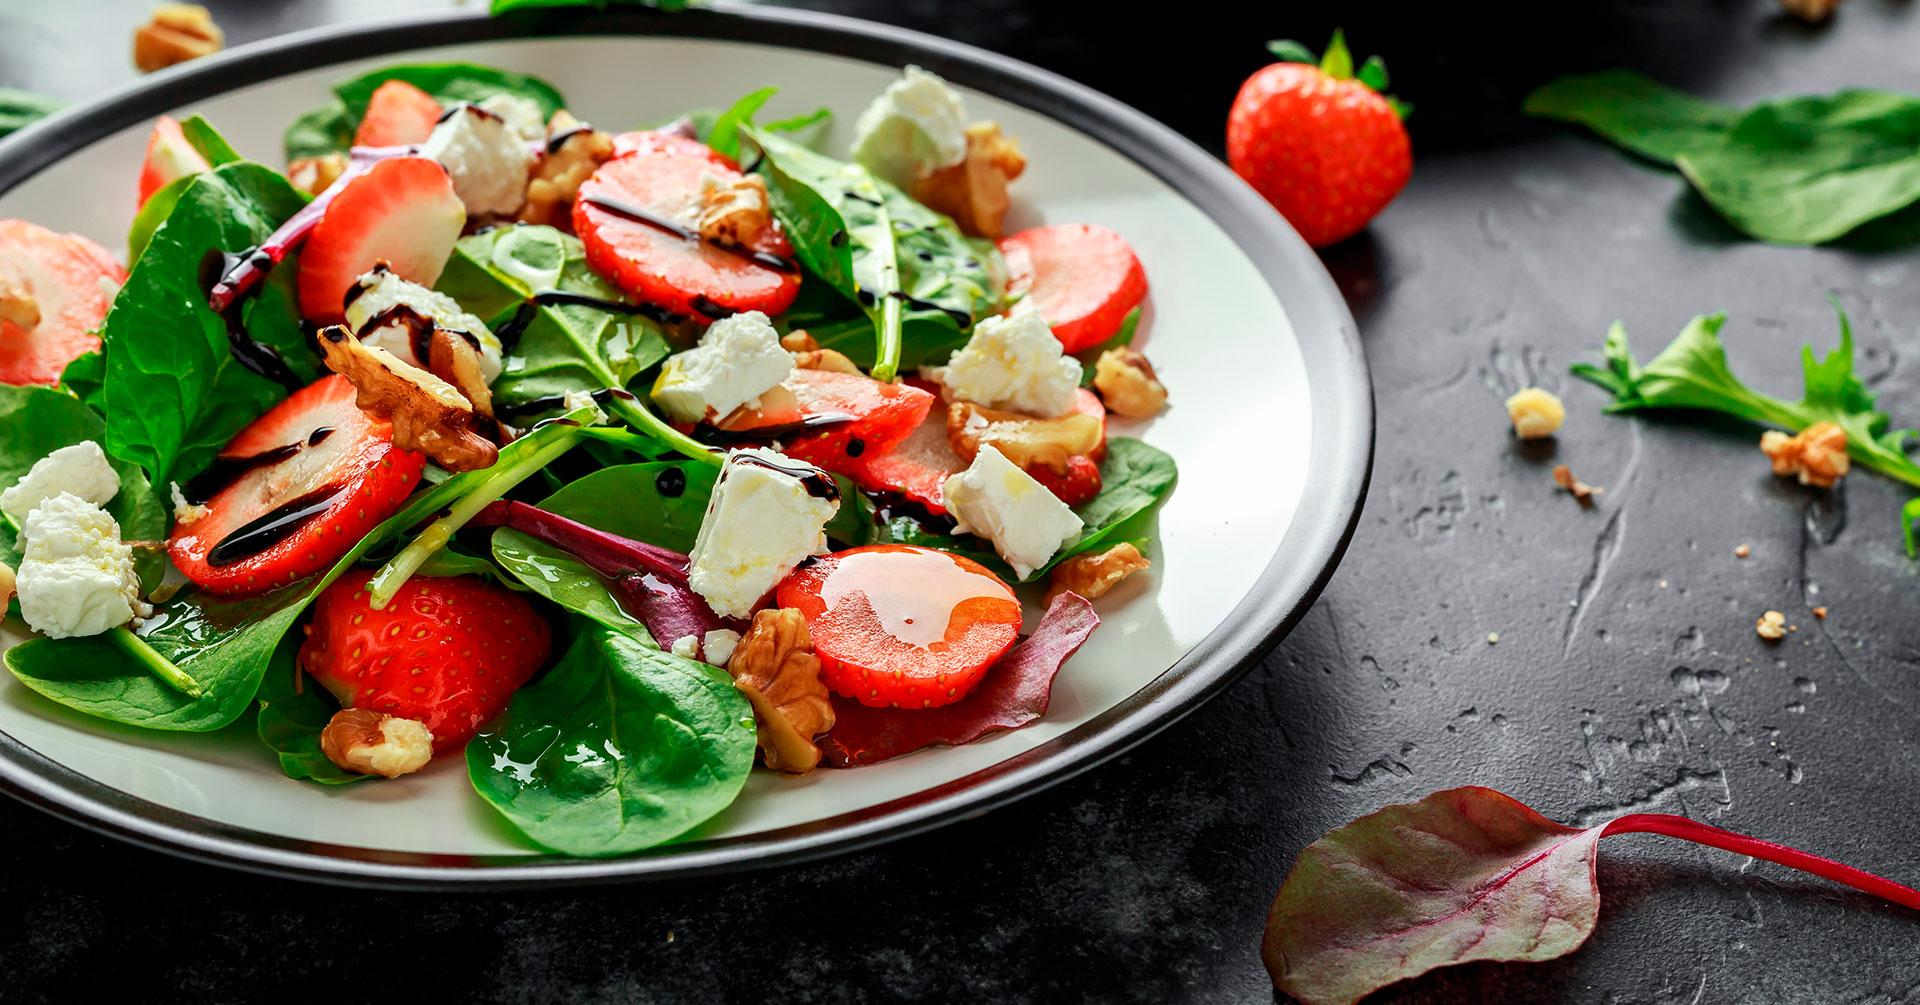 Ensalada de espinacas y avena para tu dieta saludable